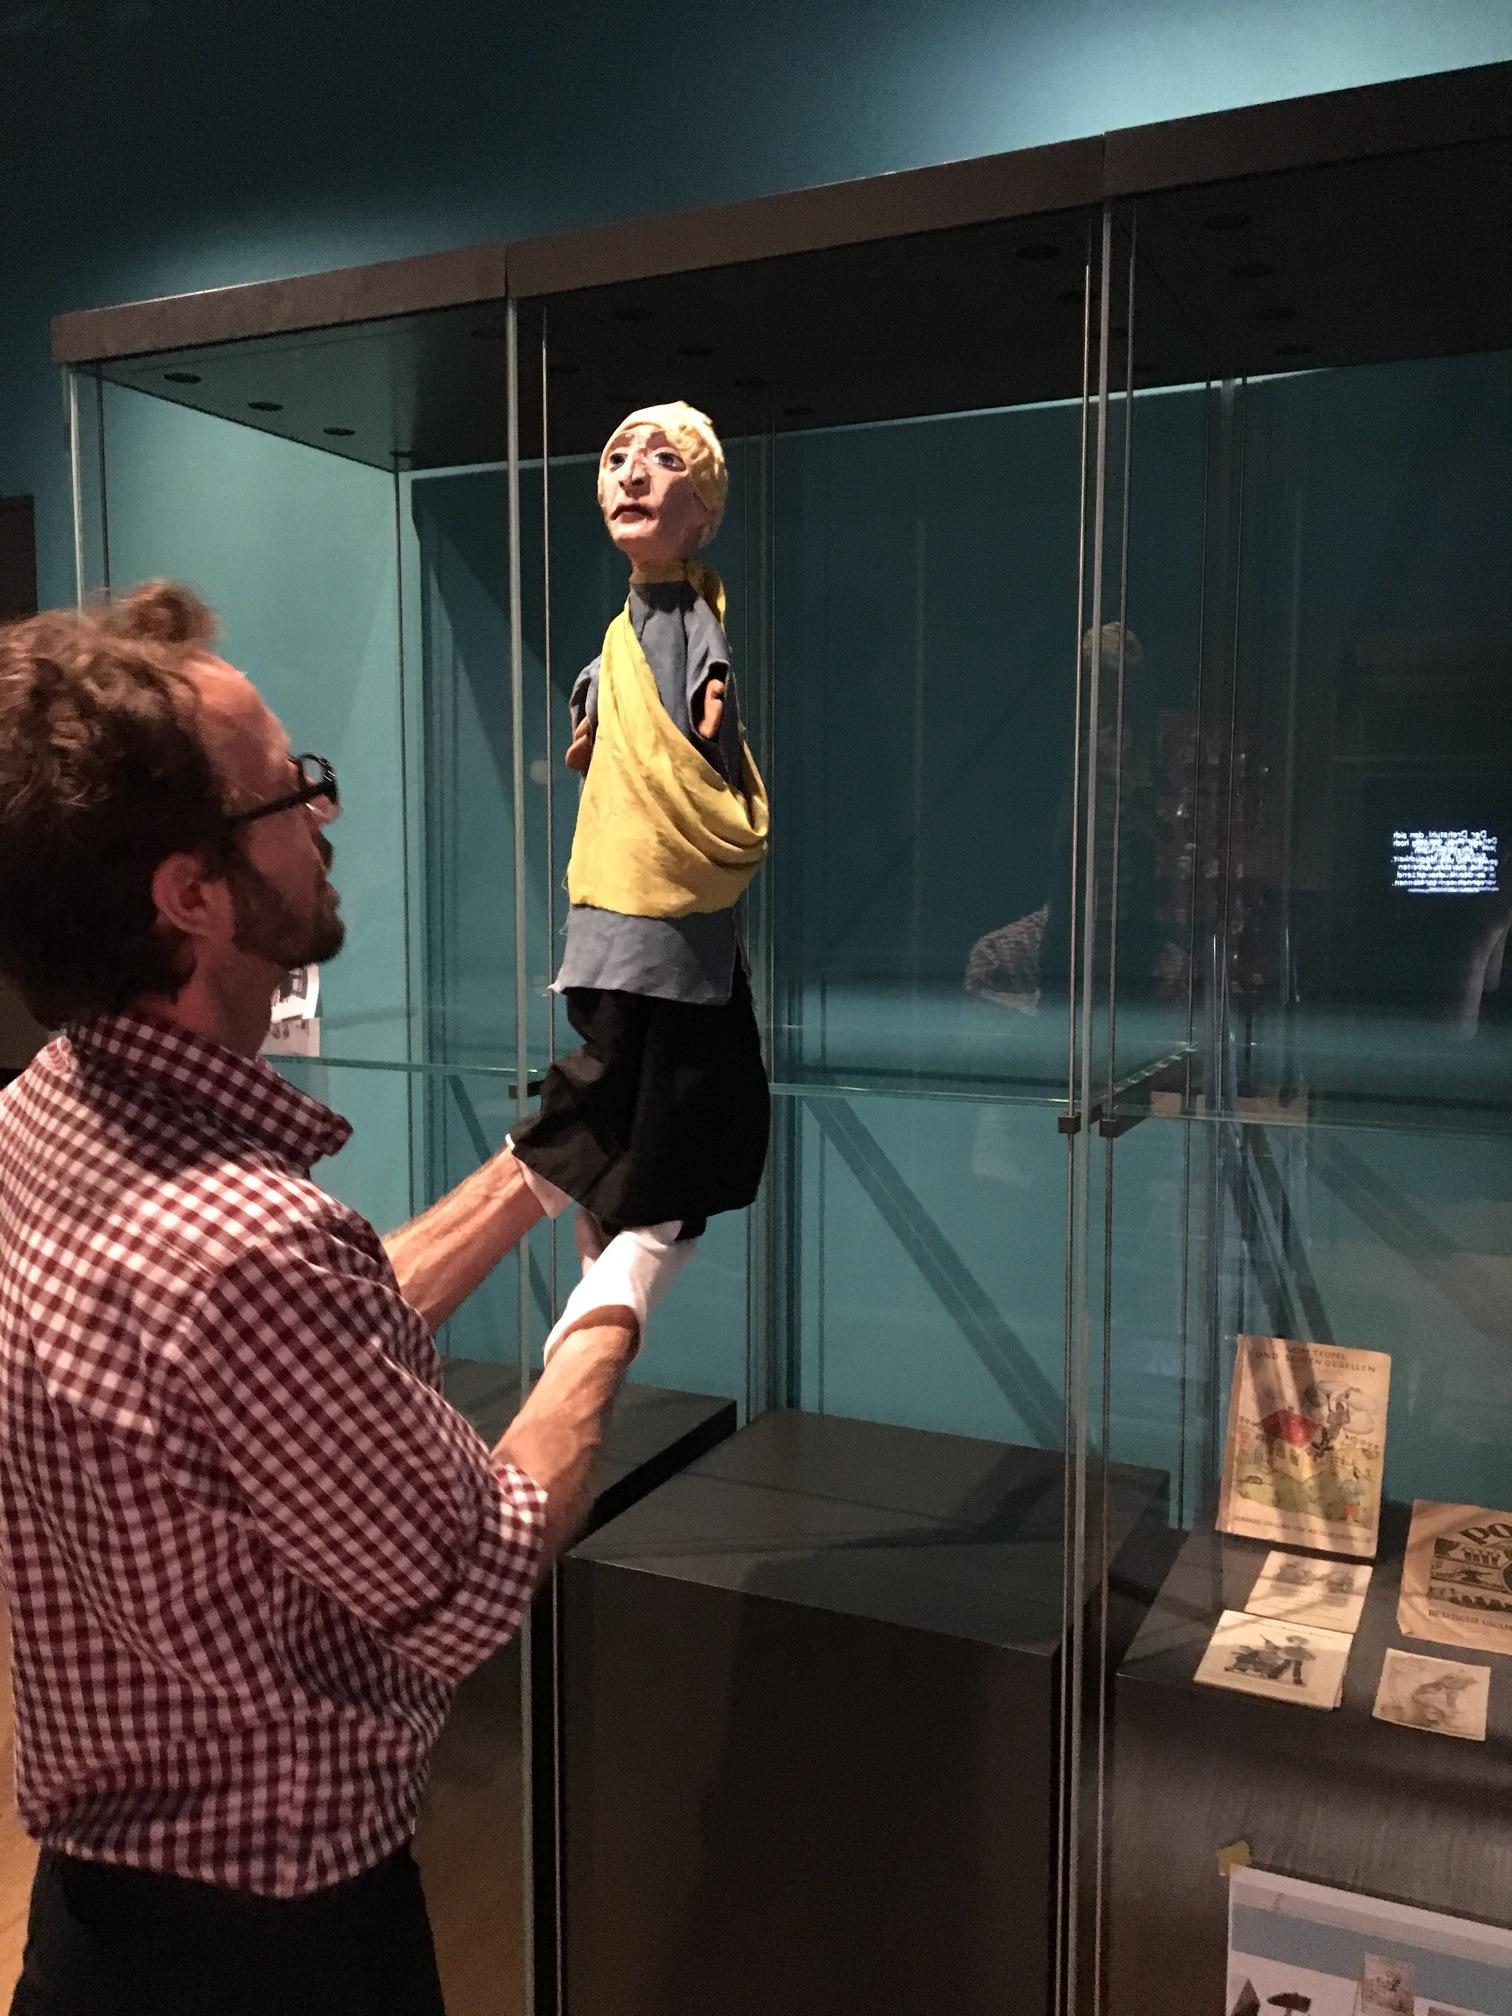 Restaurator stellt eine Puppe in die Vitrine